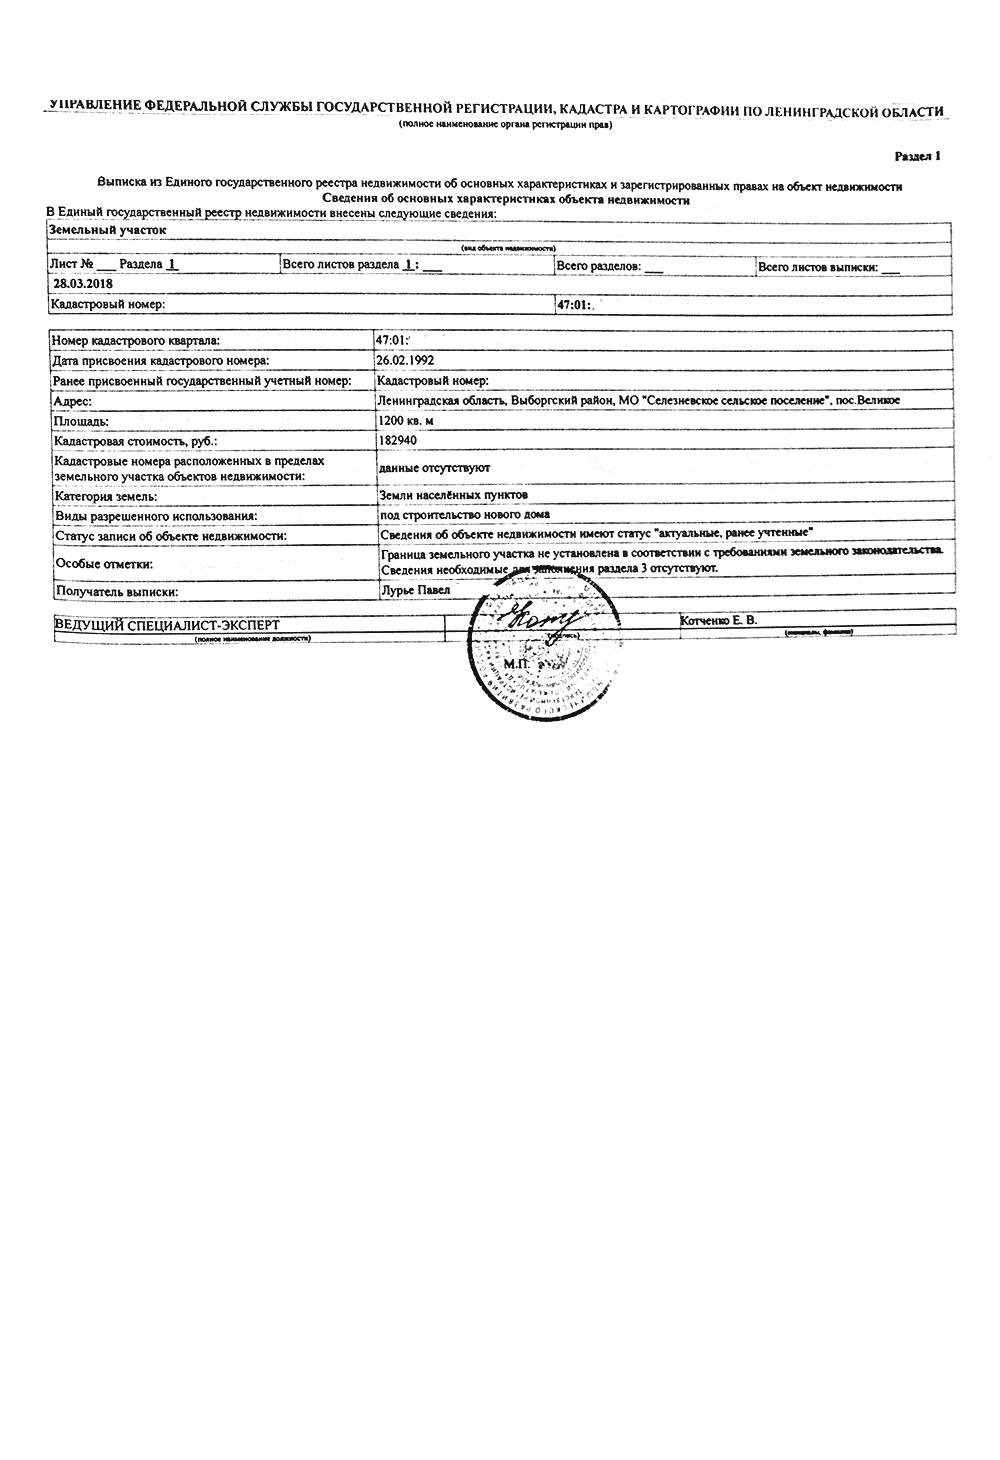 Выписка из ЕГРН на участок. На первой странице указан адрес, кадастровый номер, площадь, разрешенное использование